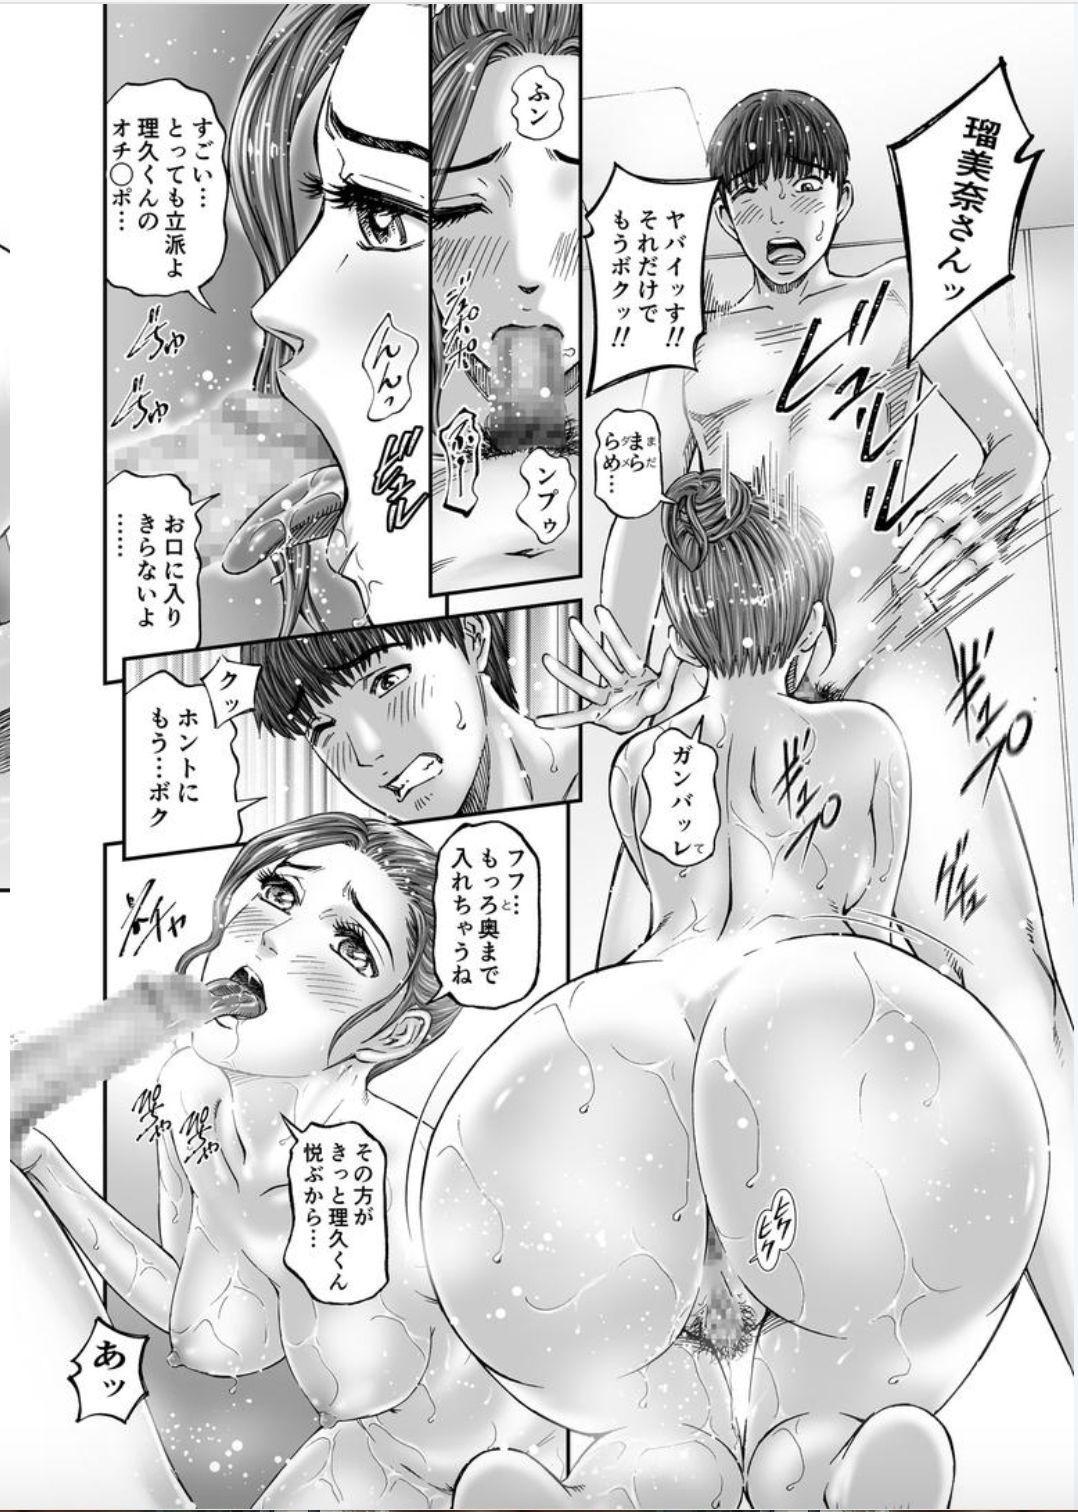 Seisyoku Dance Hitodzuma no chitsueki ni mamirete 1-2 25